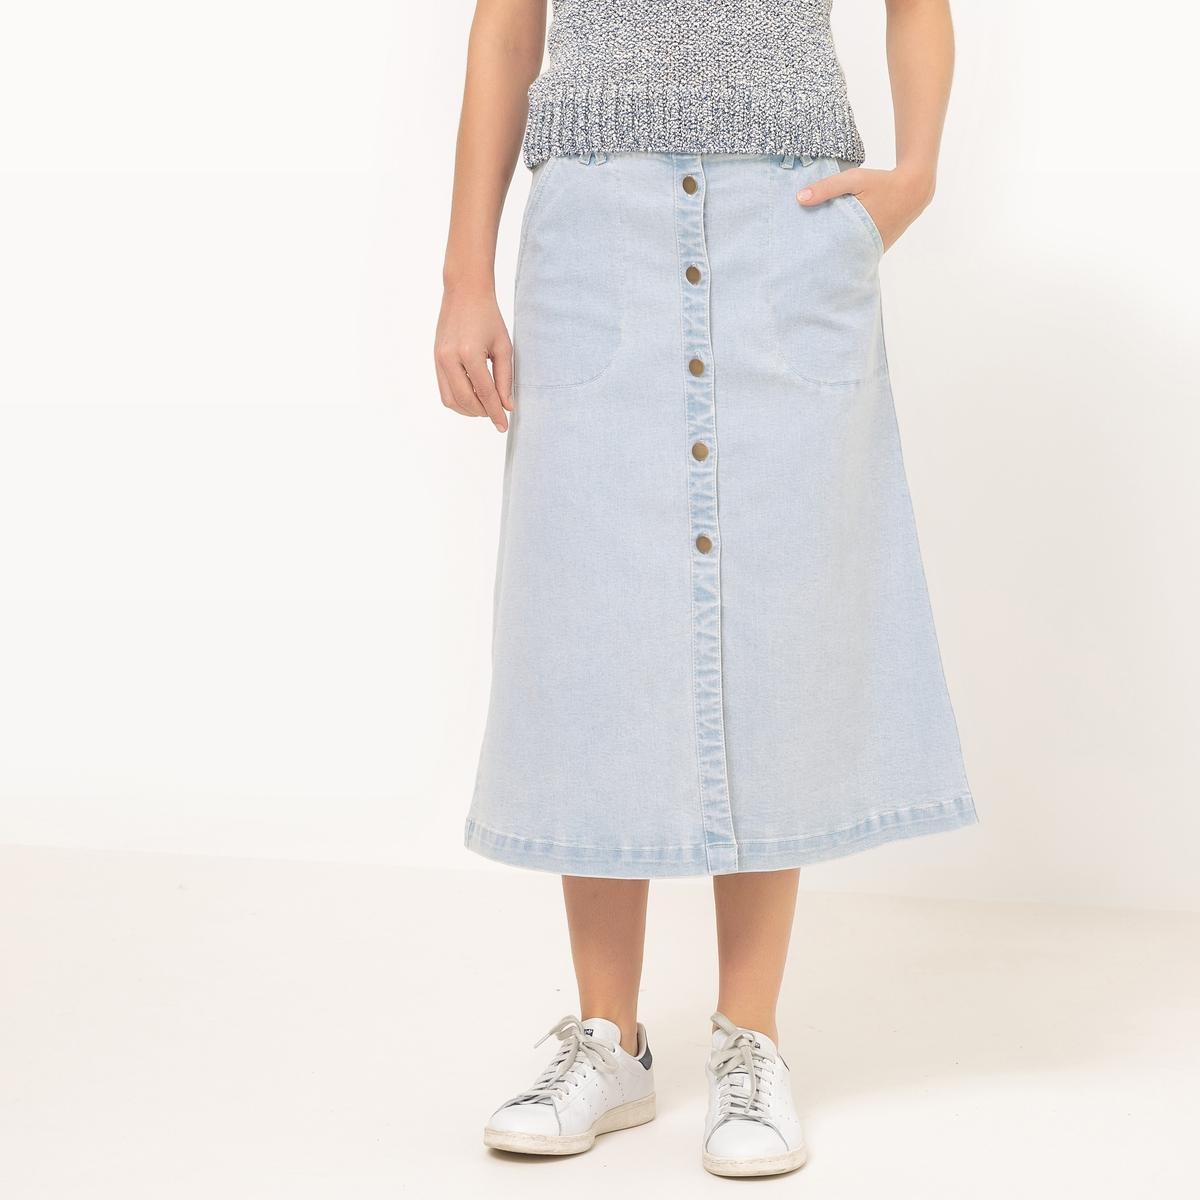 Falda de denim abotonada, largo midi